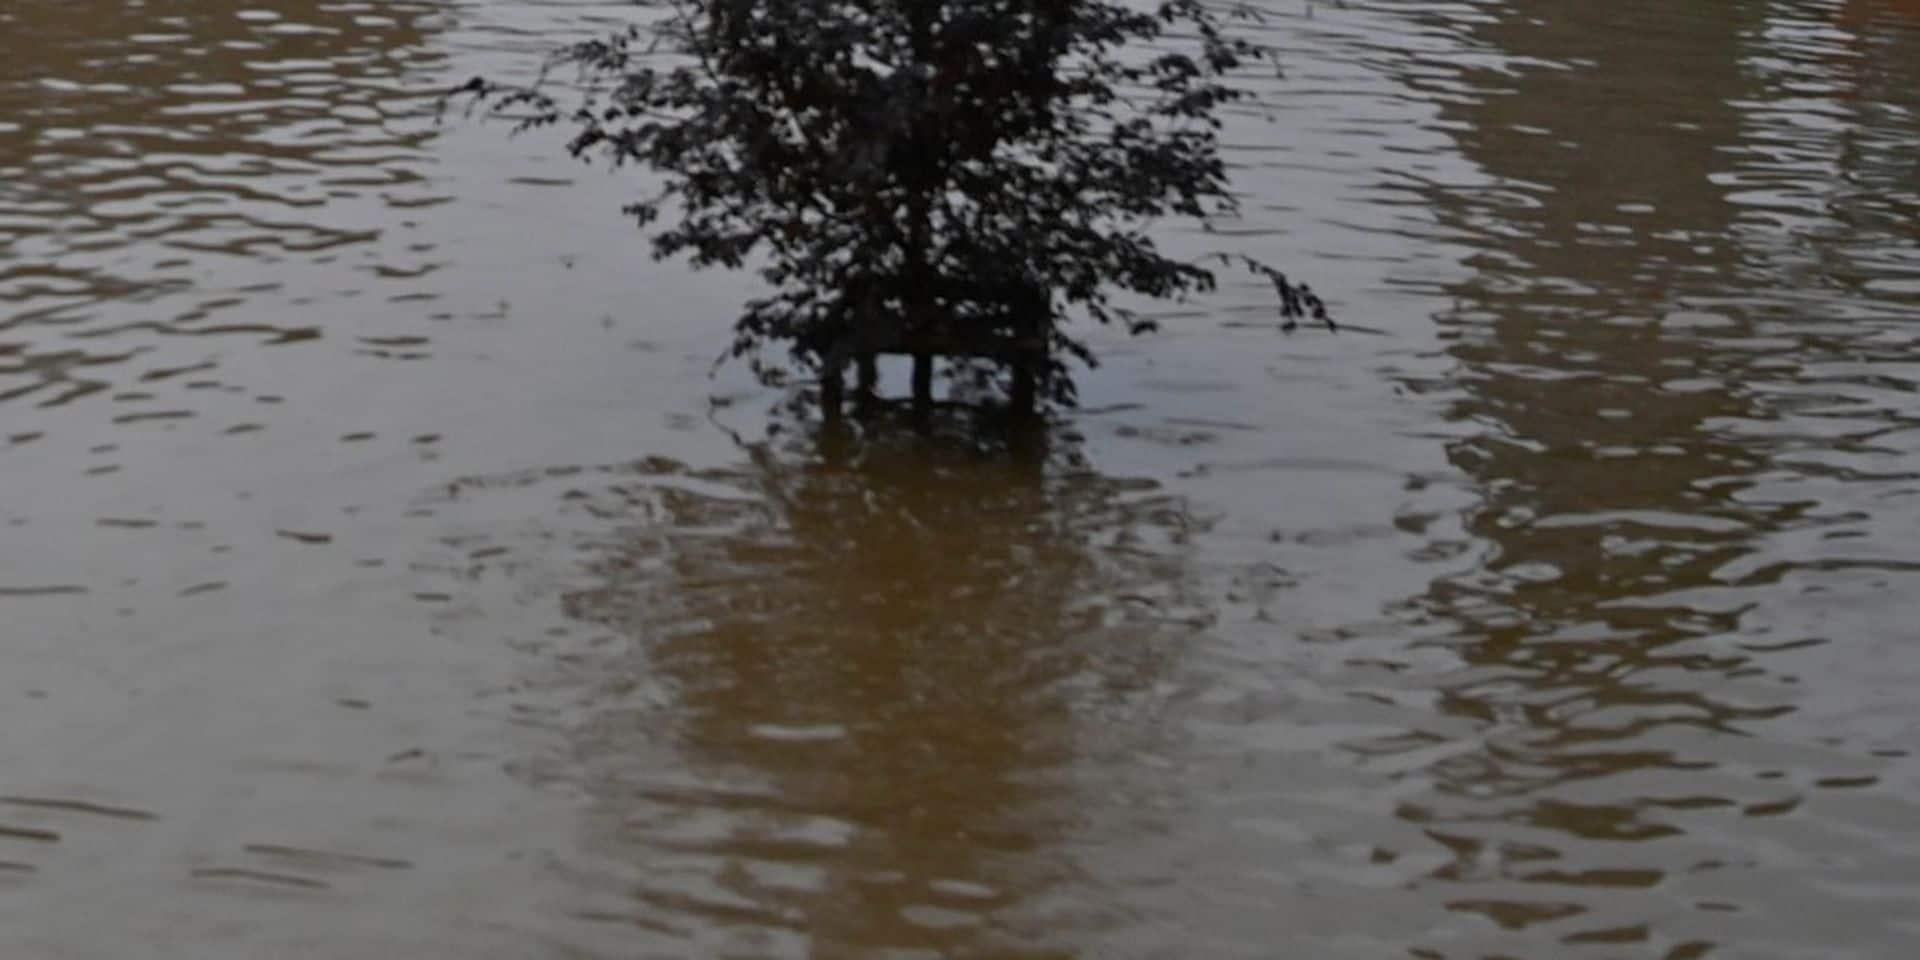 Huy : Sauvetage en Mehaigne en cours